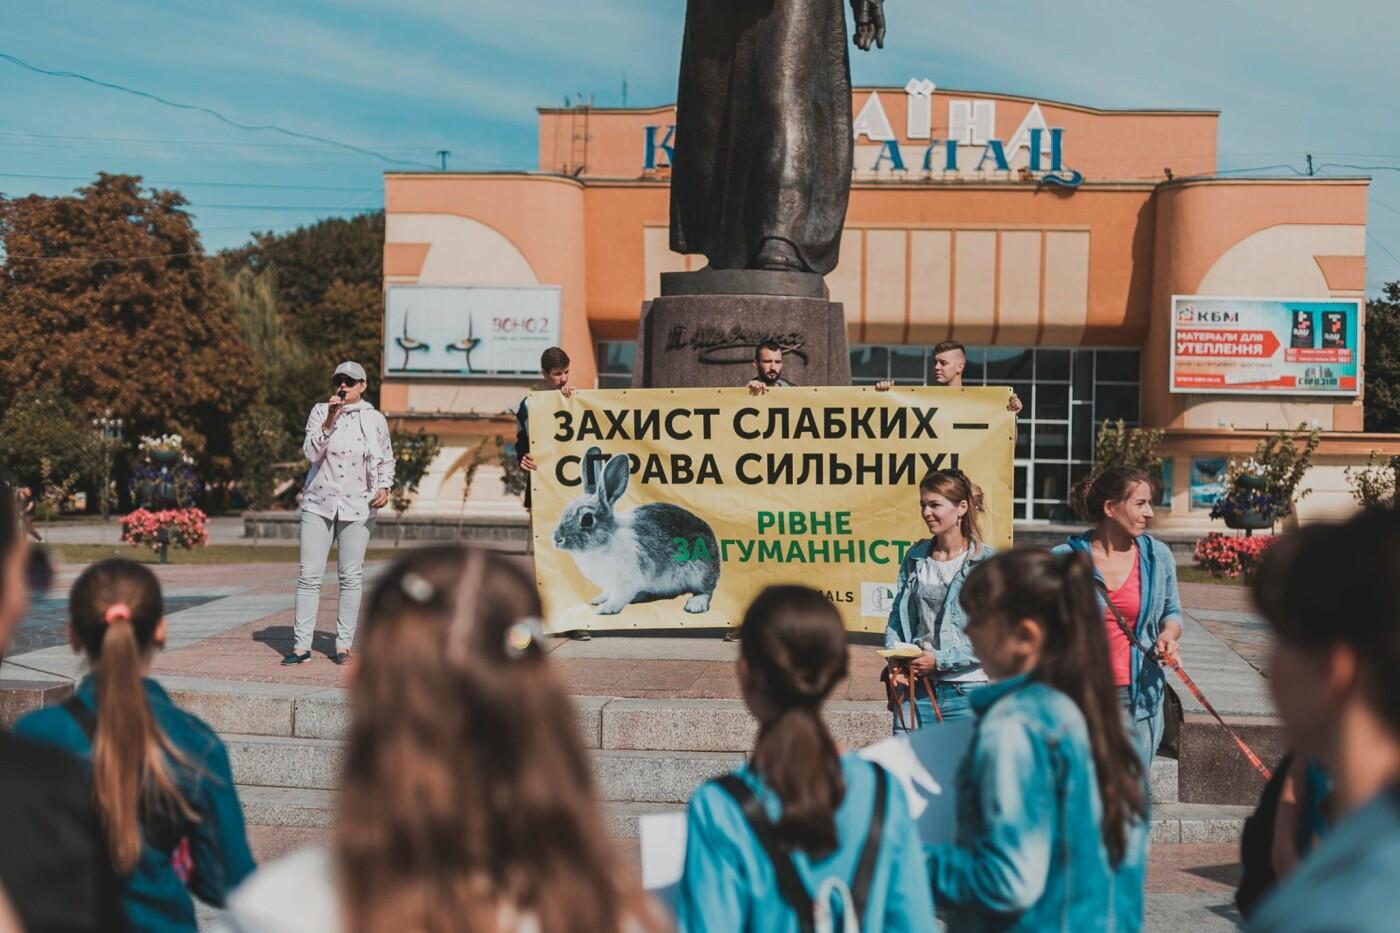 Разом з дітьми та домашніми улюбленцями: у Рівному пройшов Всеукраїнський марш за тварин (ФОТО), фото-9